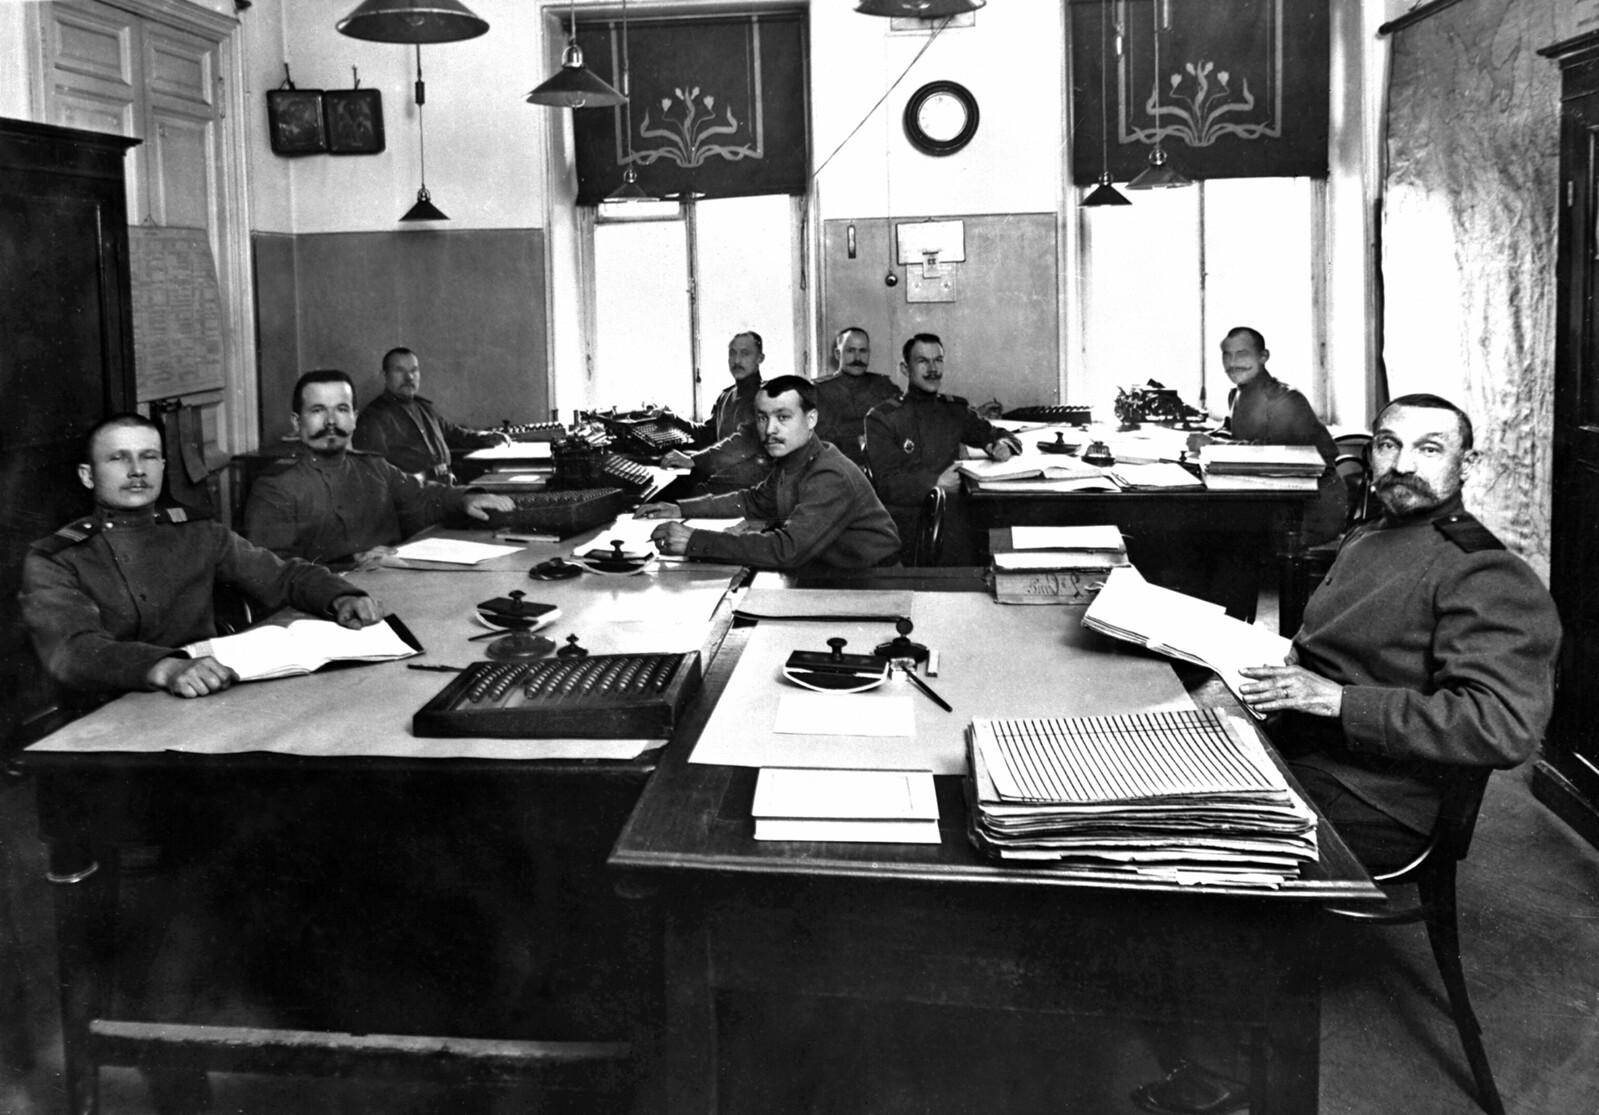 1905. Сотрудники отдельного корпуса жандармов